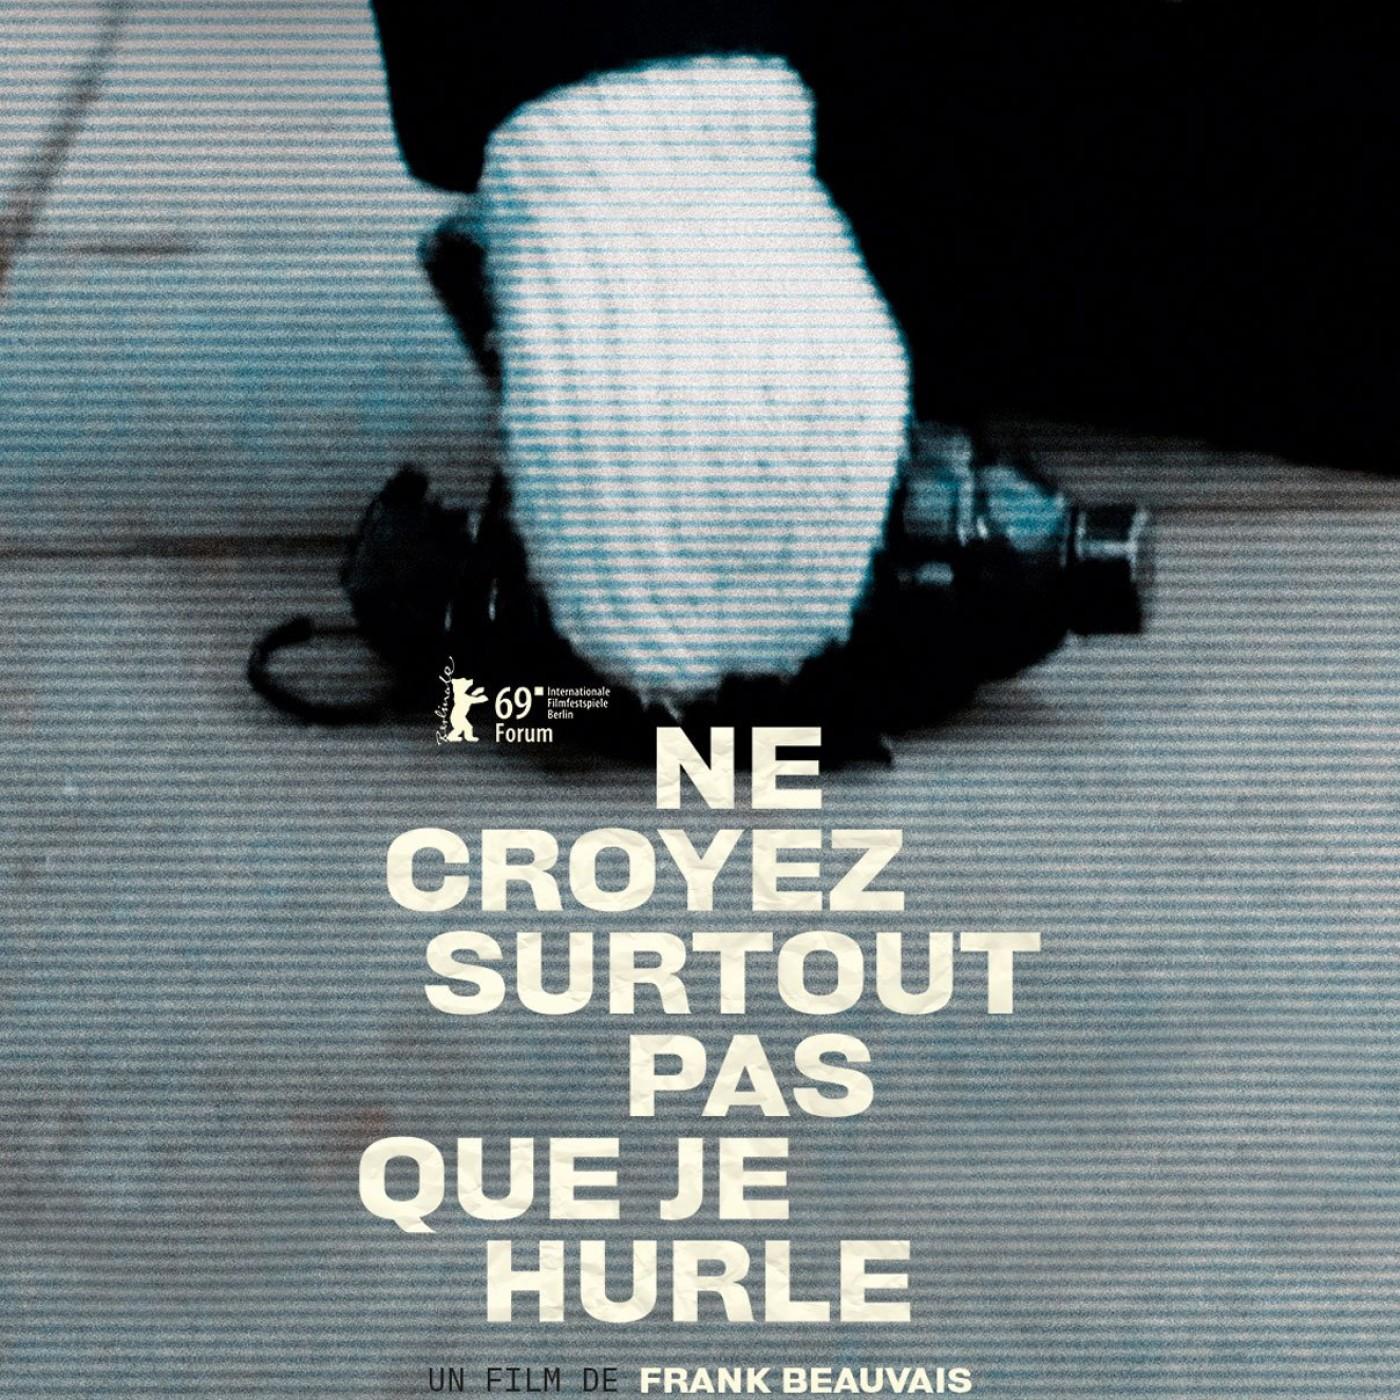 Critique Du Film Documentaire NE CROYEZ SURTOUT PAS QUE JE HURLE